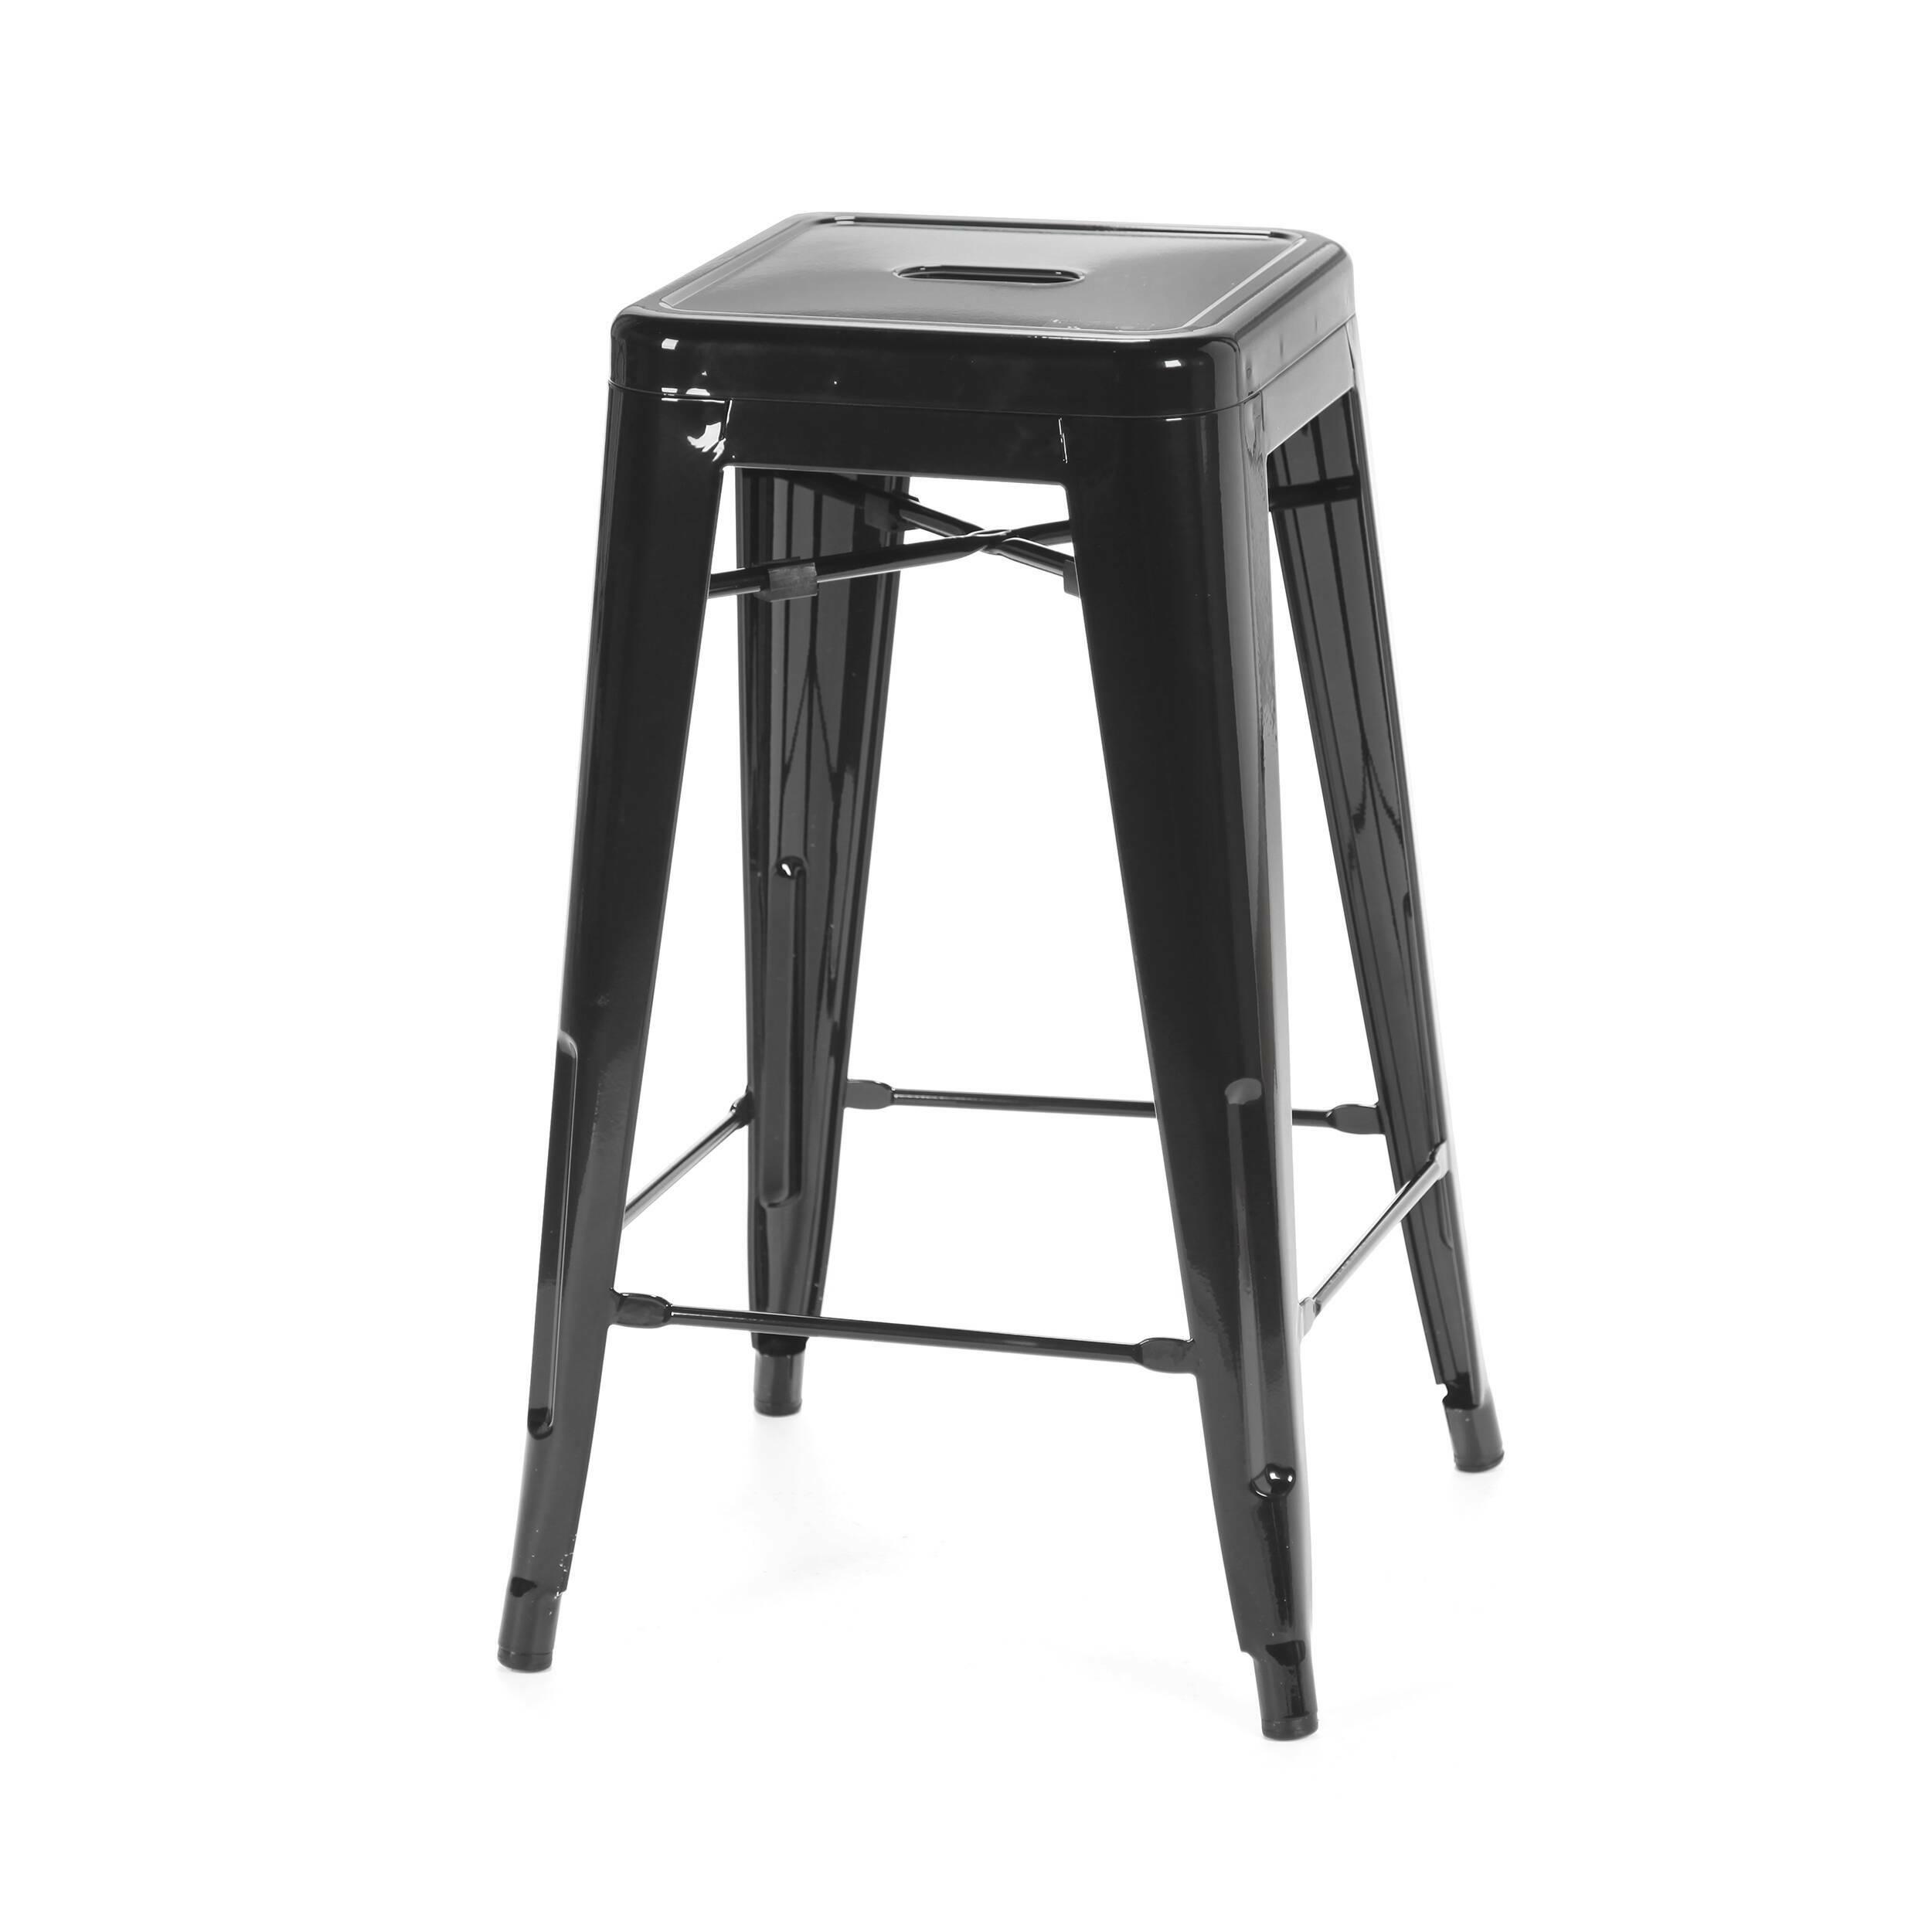 Барный стул Marais Color 2Барные<br>Дизайнерский цветной стальной барный стул Marais Color 2 (Мэрейс Калар) без спинки от Cosmo (Космо).<br> Барный стул Marais Color 2 — олицетворение винтажного стиля, его грациозные линии создают ощущение легкости и невесомости. Несмотря на хрупкий вид, этот предмет мебели невероятно прочен и долговечен. Высококачественный металл, обработанный методом гальванизации, выдерживает самые агрессивные условия окружающей среды. Не случайно модель не утратила актуальности с начала ХХ века — именно тогда...<br><br>stock: 17<br>Высота: 66<br>Ширина: 41<br>Глубина: 41<br>Тип материала каркаса: Сталь<br>Цвет каркаса: Черный